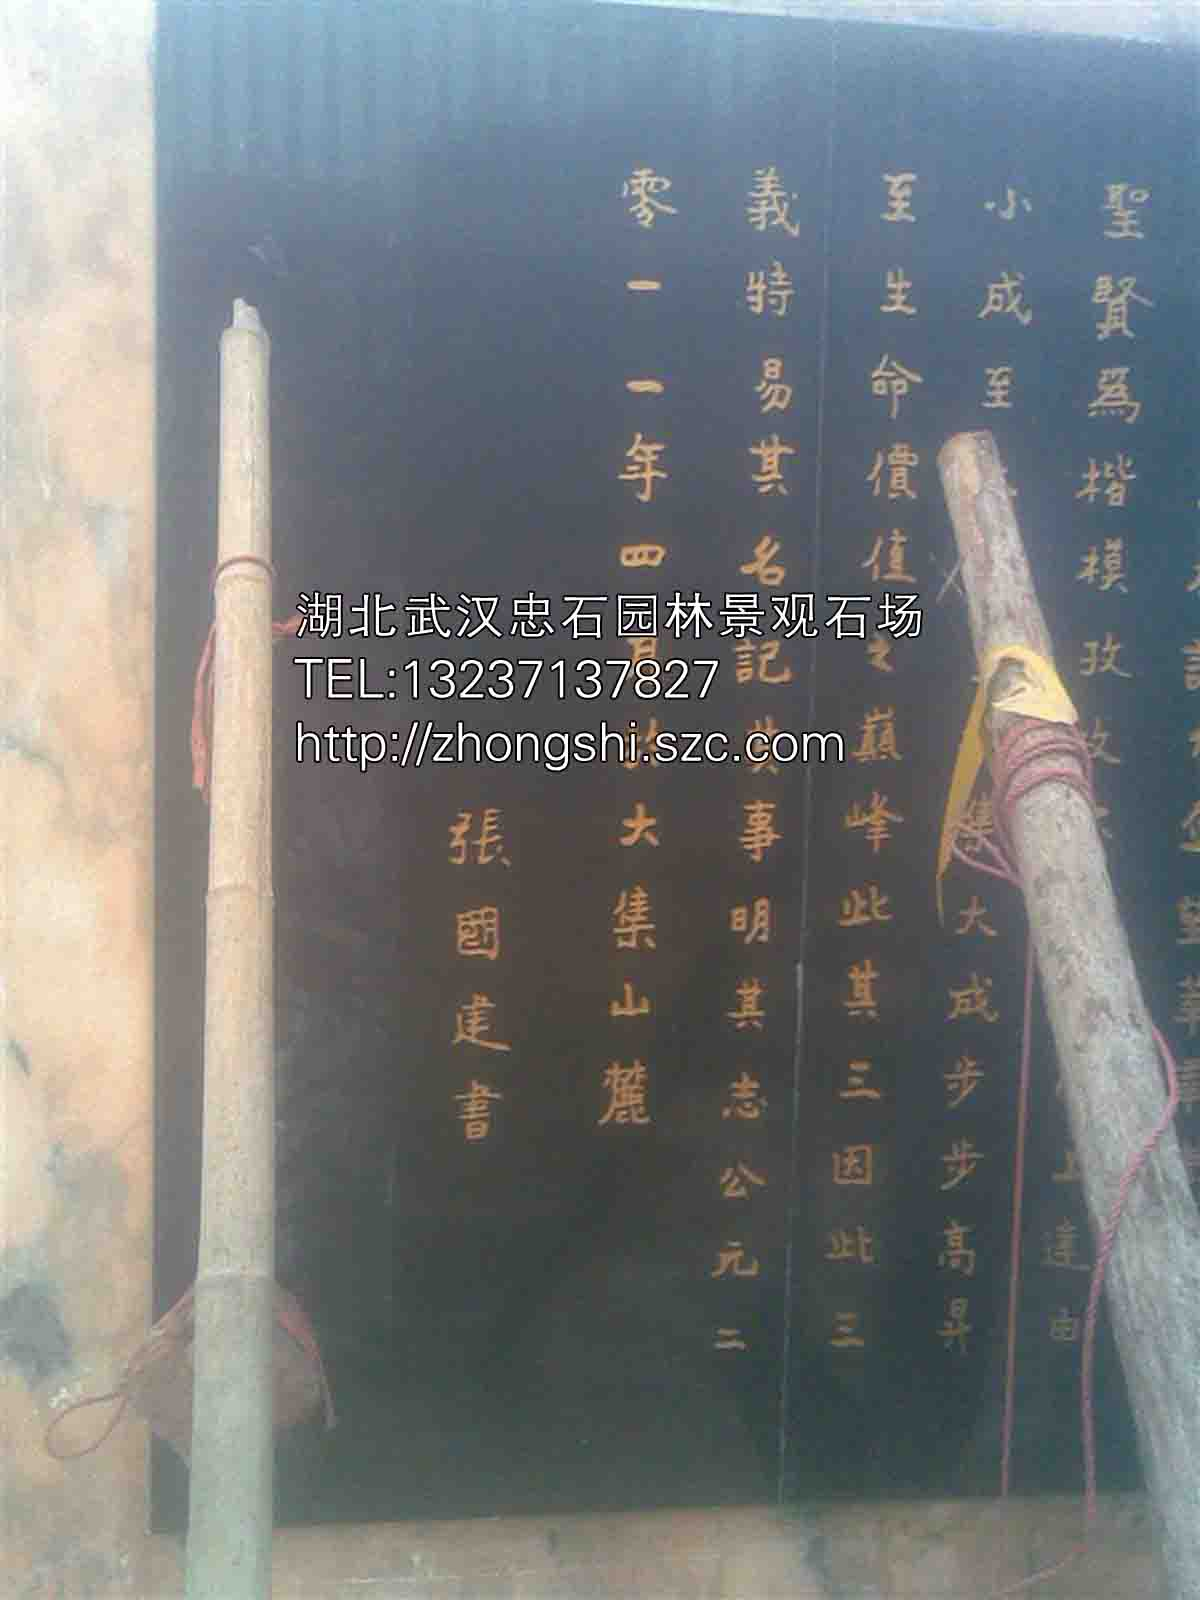 湖北武汉景观石批发_武汉奠基石栏板栏杆制作价格_祟阳大集中学